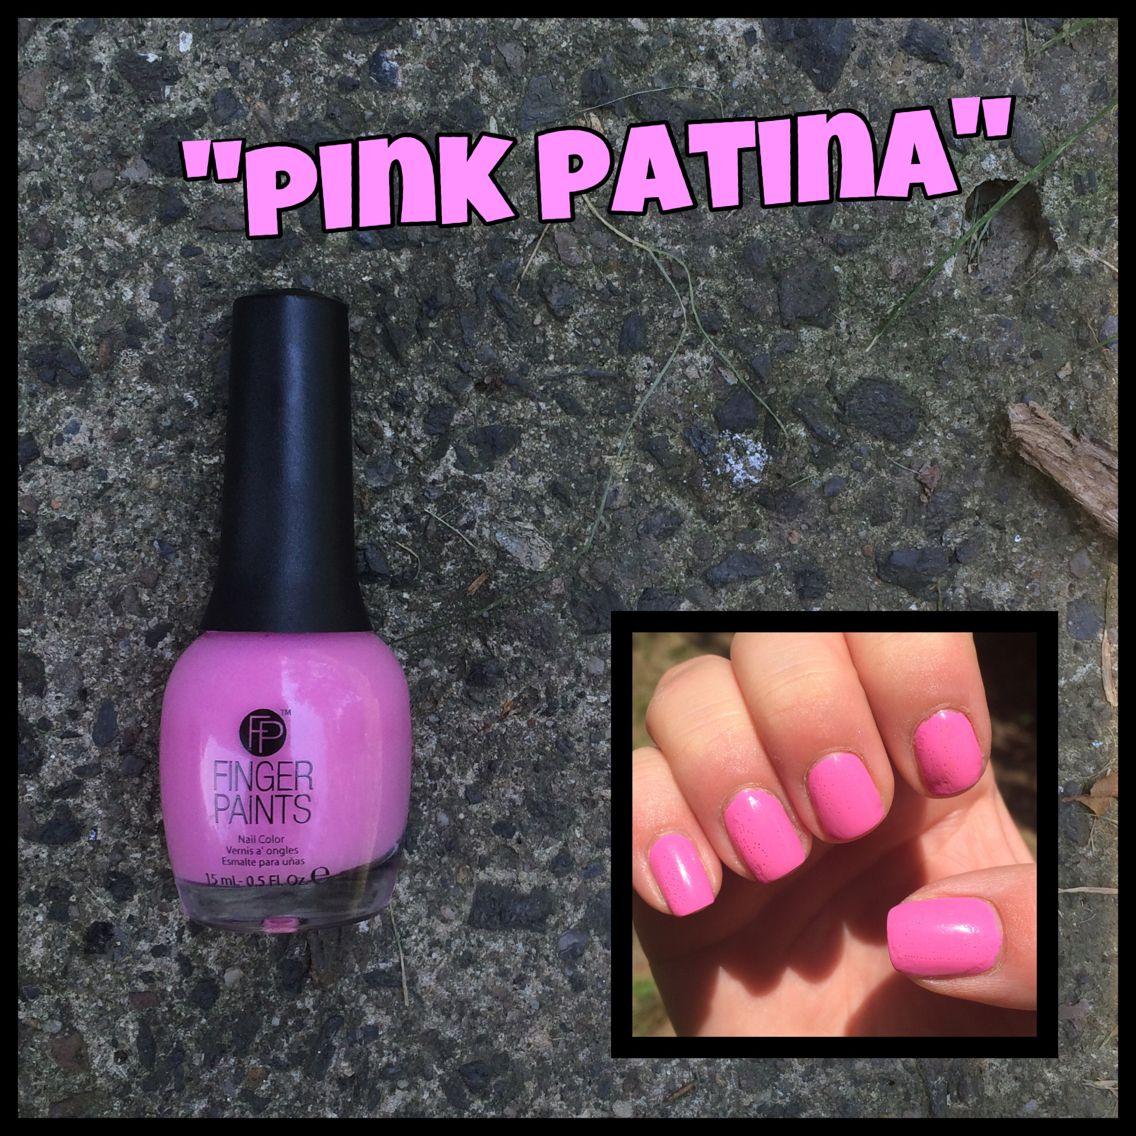 32. Finger Paints: Pink Patina #Nails #NailPolish ...